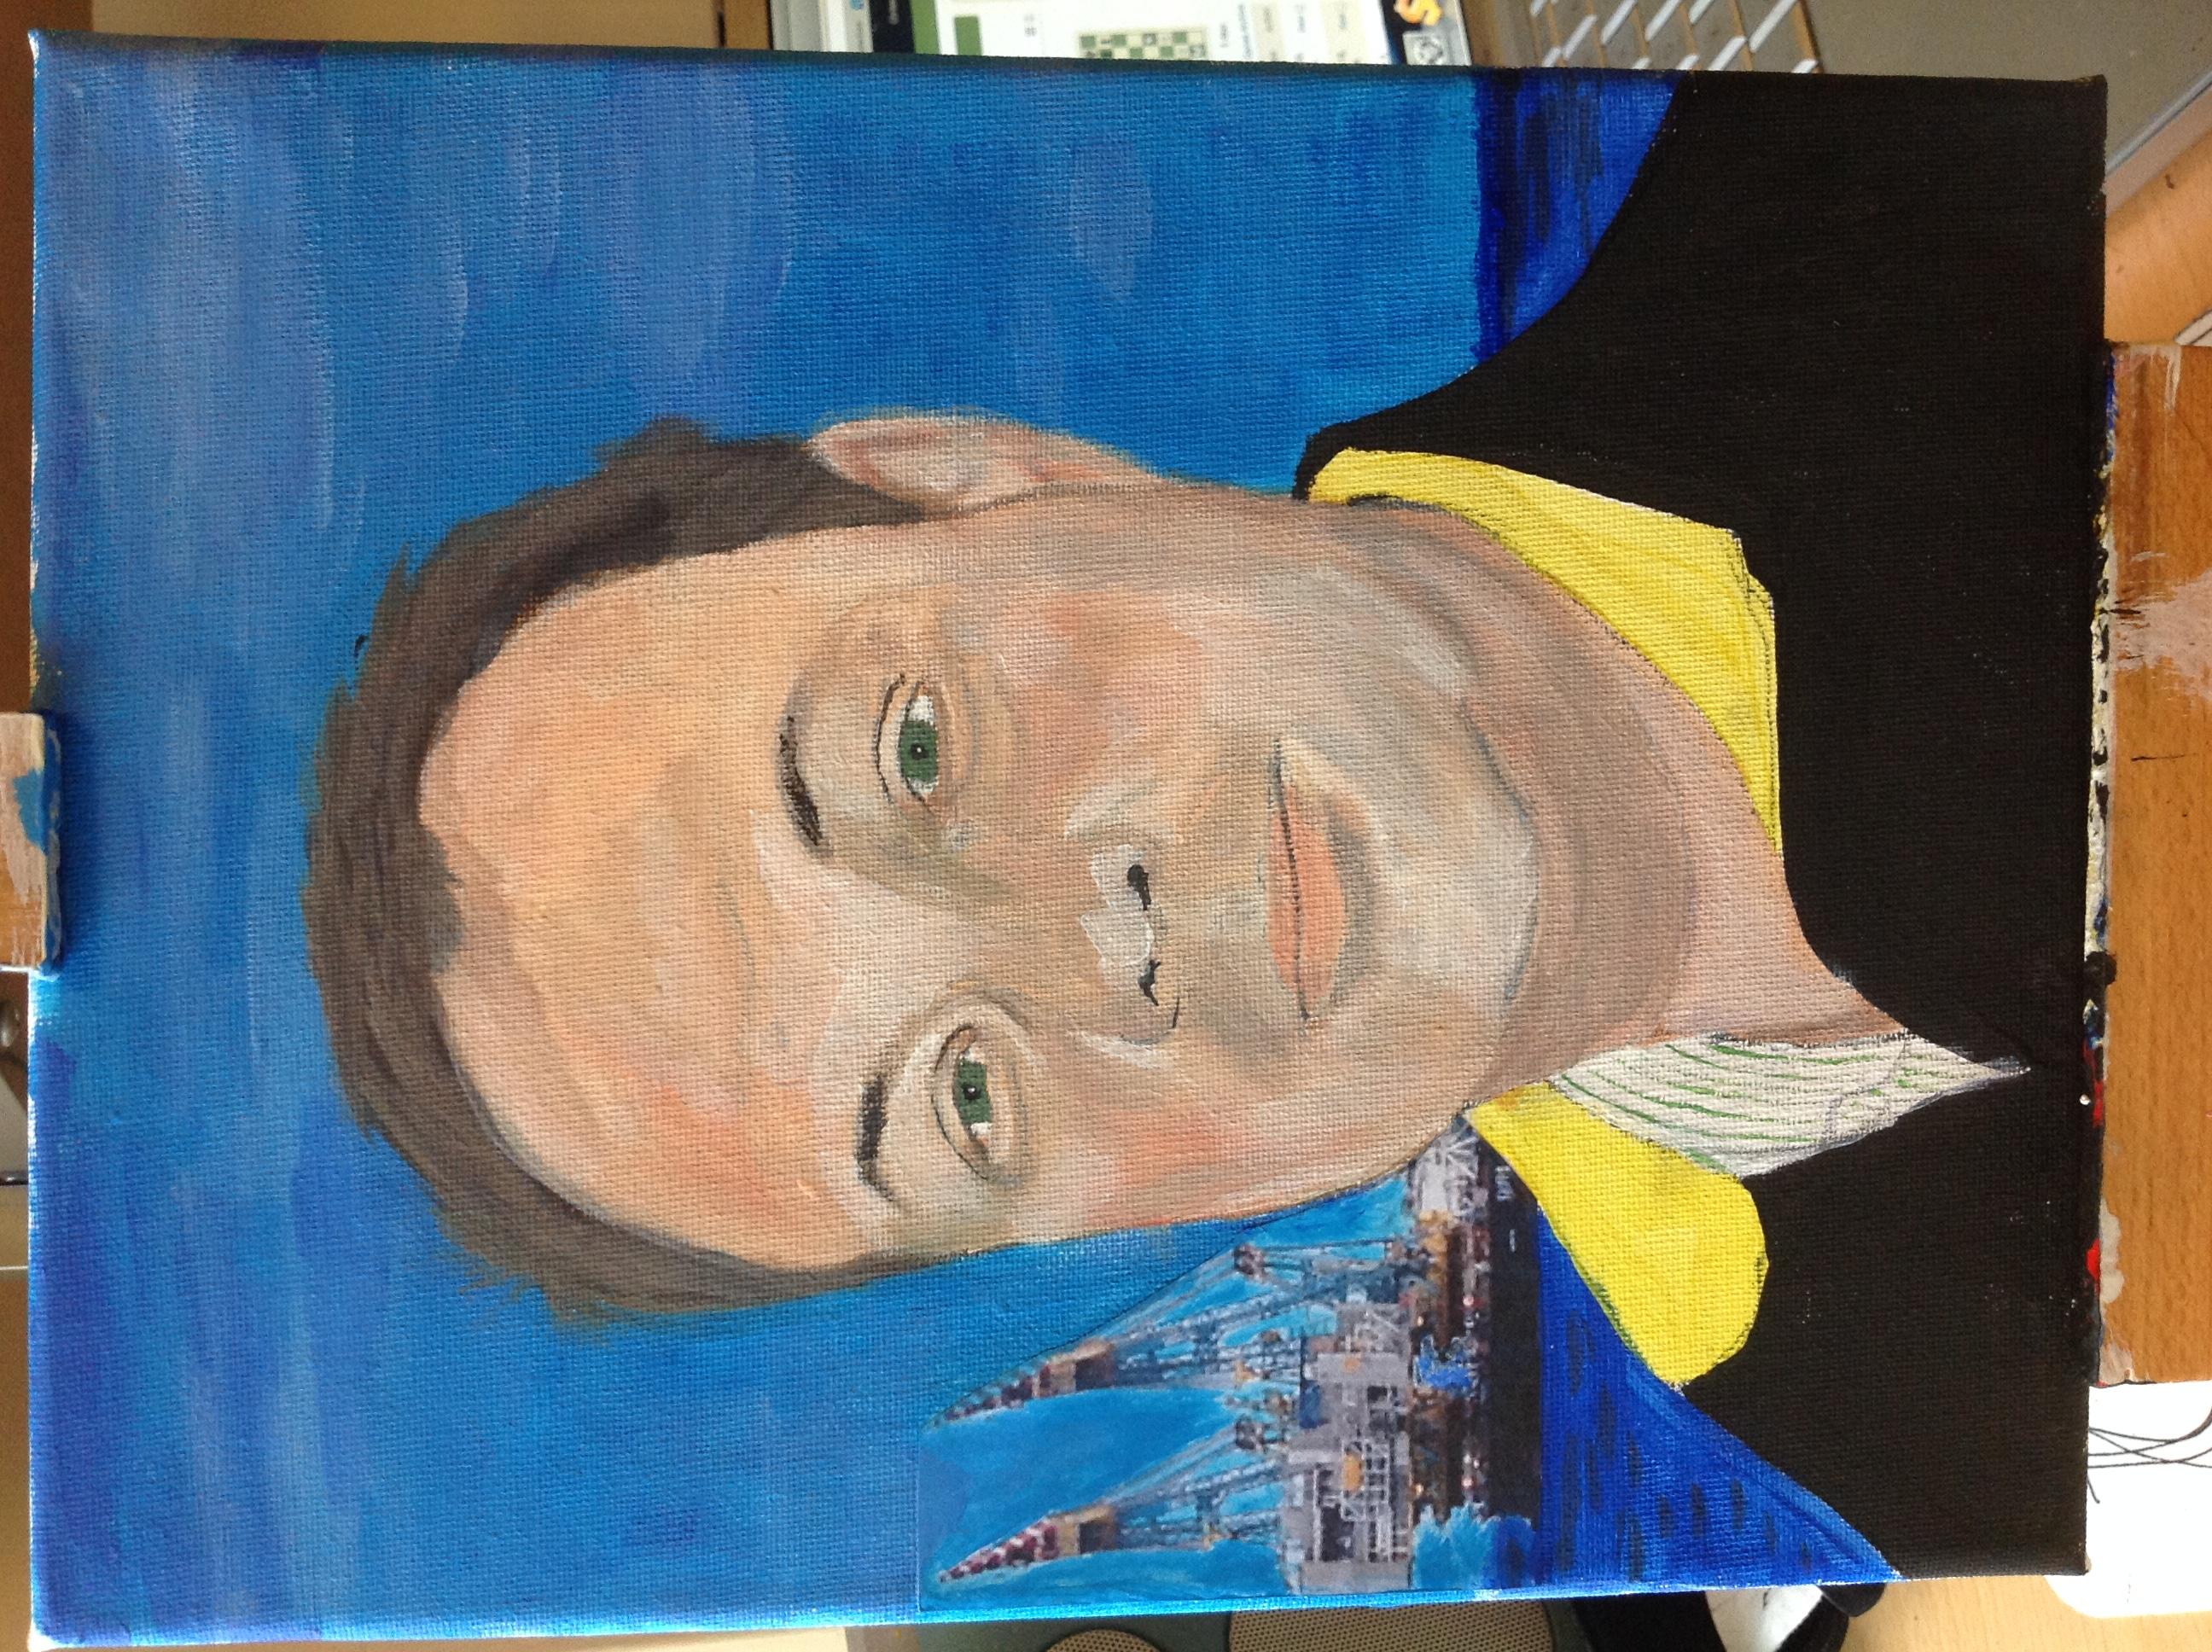 A portrait of Joop.